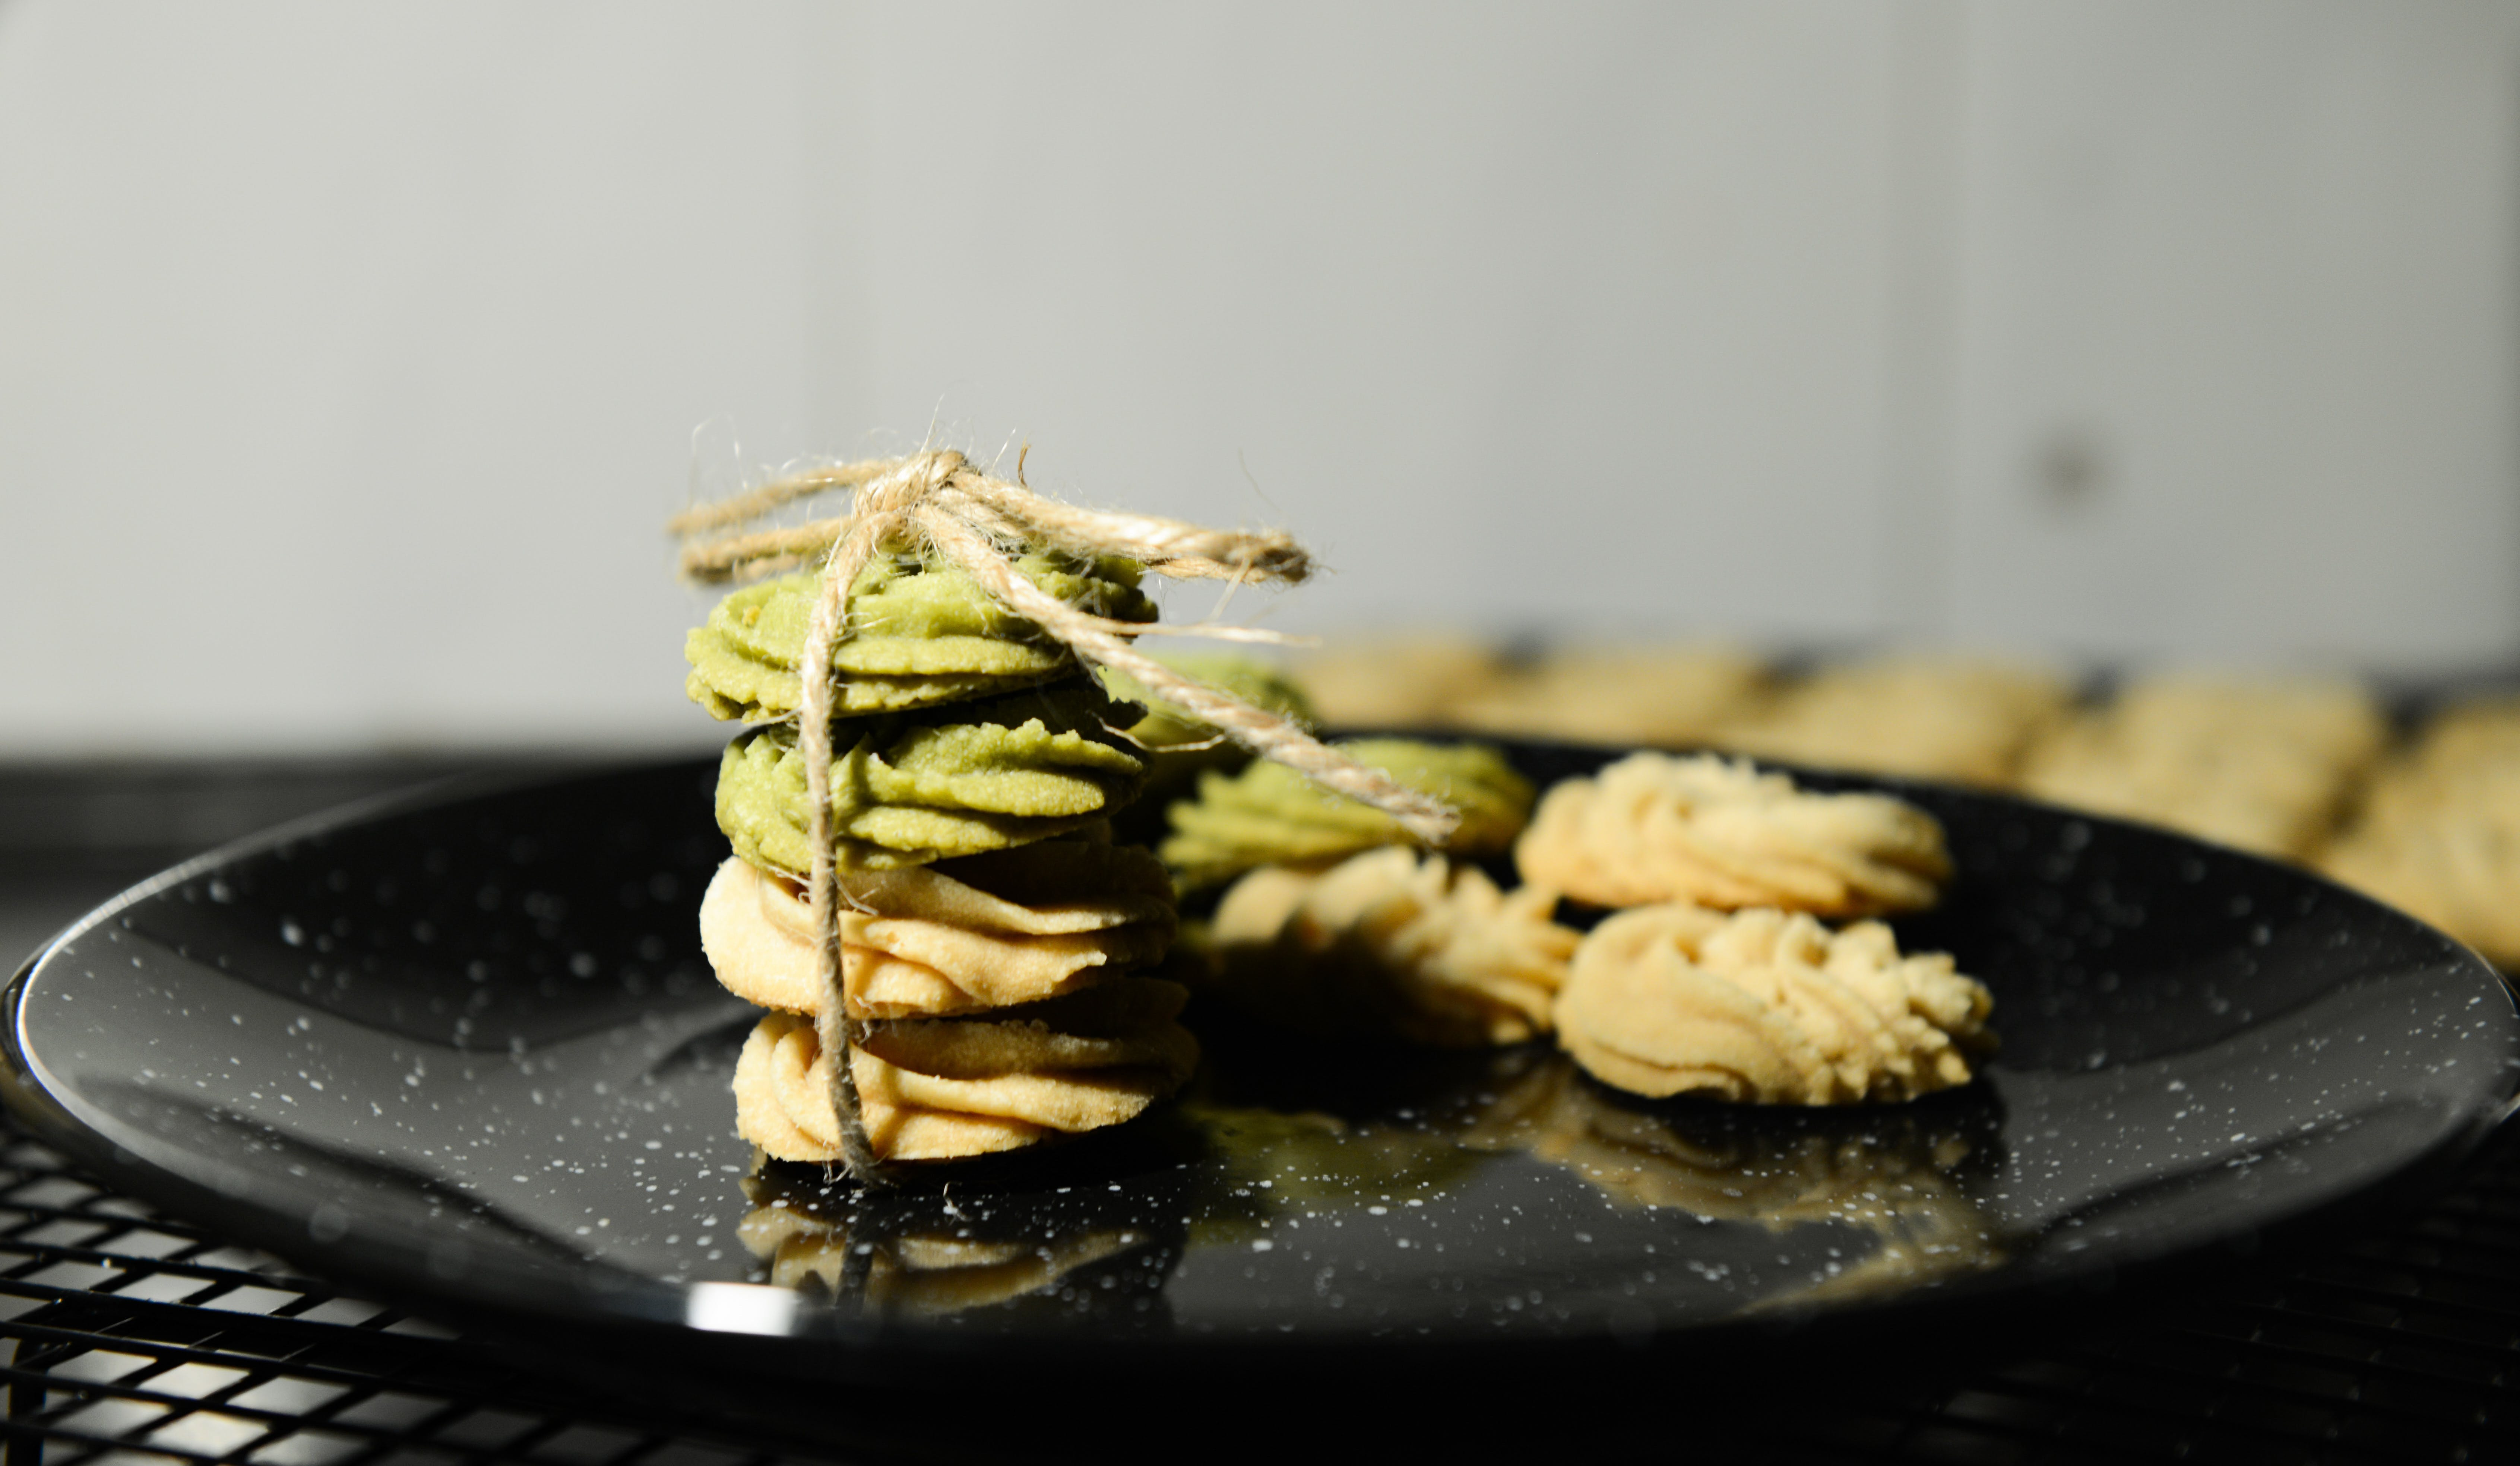 Cookies on Black Marble Plate